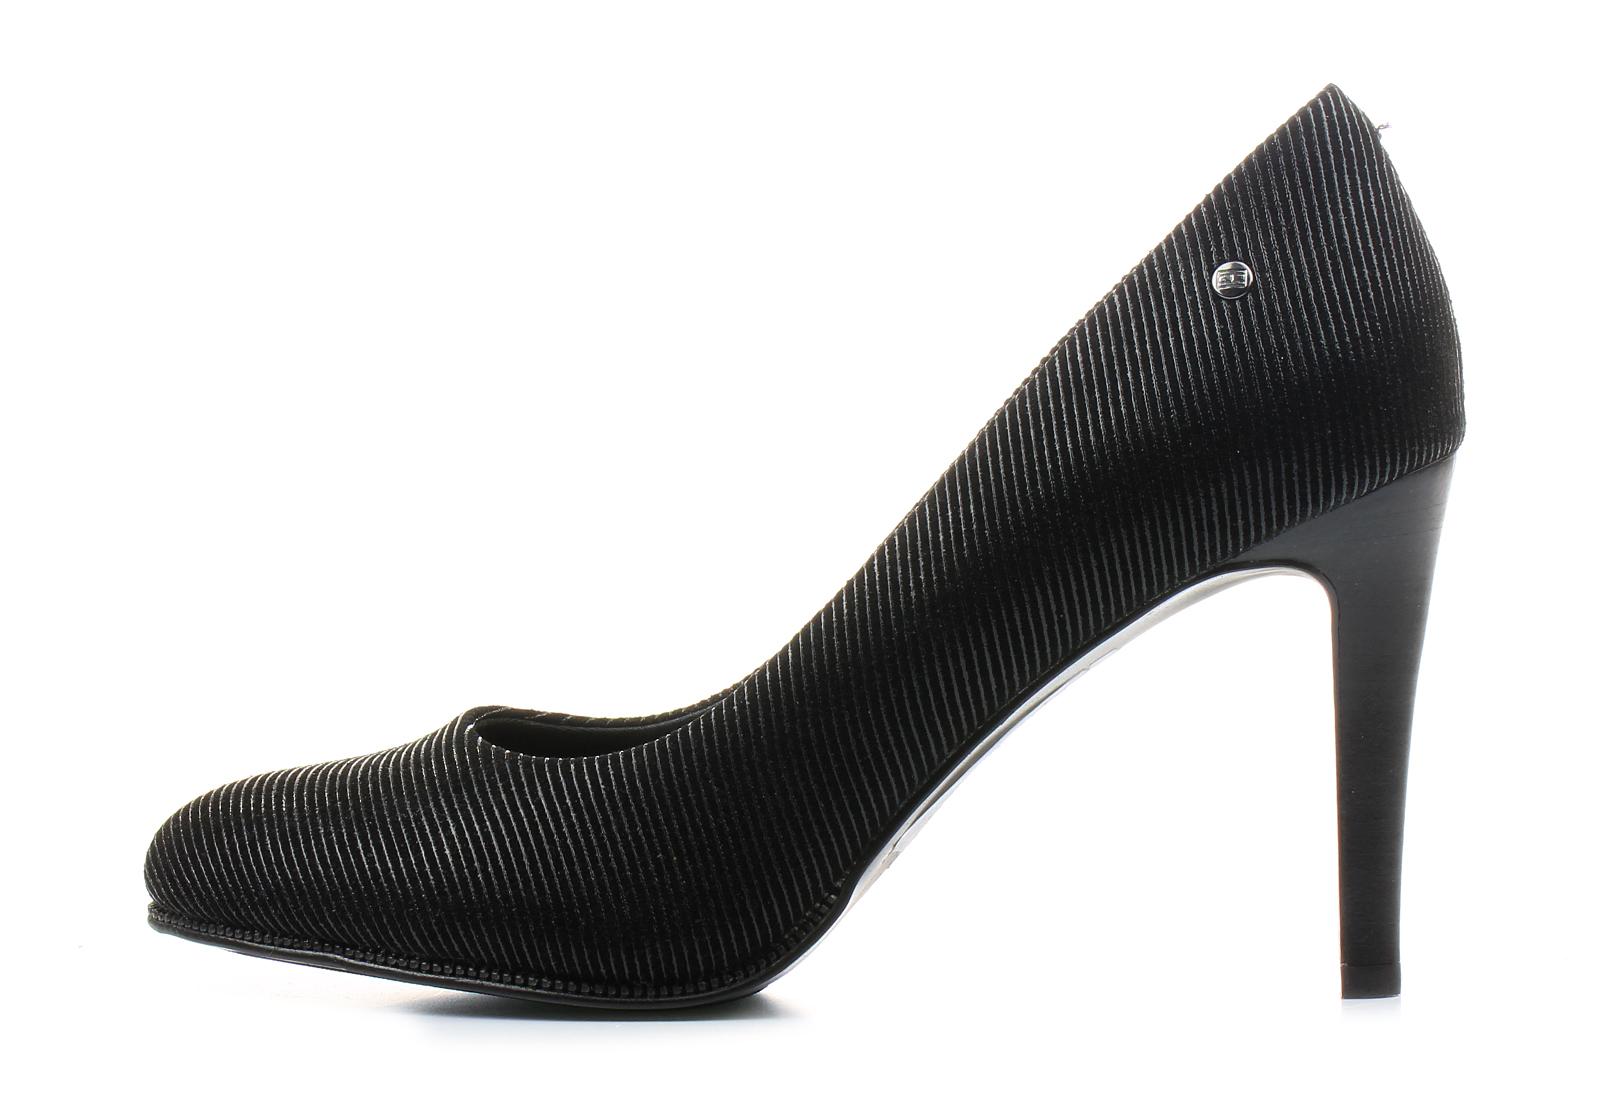 tommy hilfiger high heels layla 28z 17f 1728 990. Black Bedroom Furniture Sets. Home Design Ideas